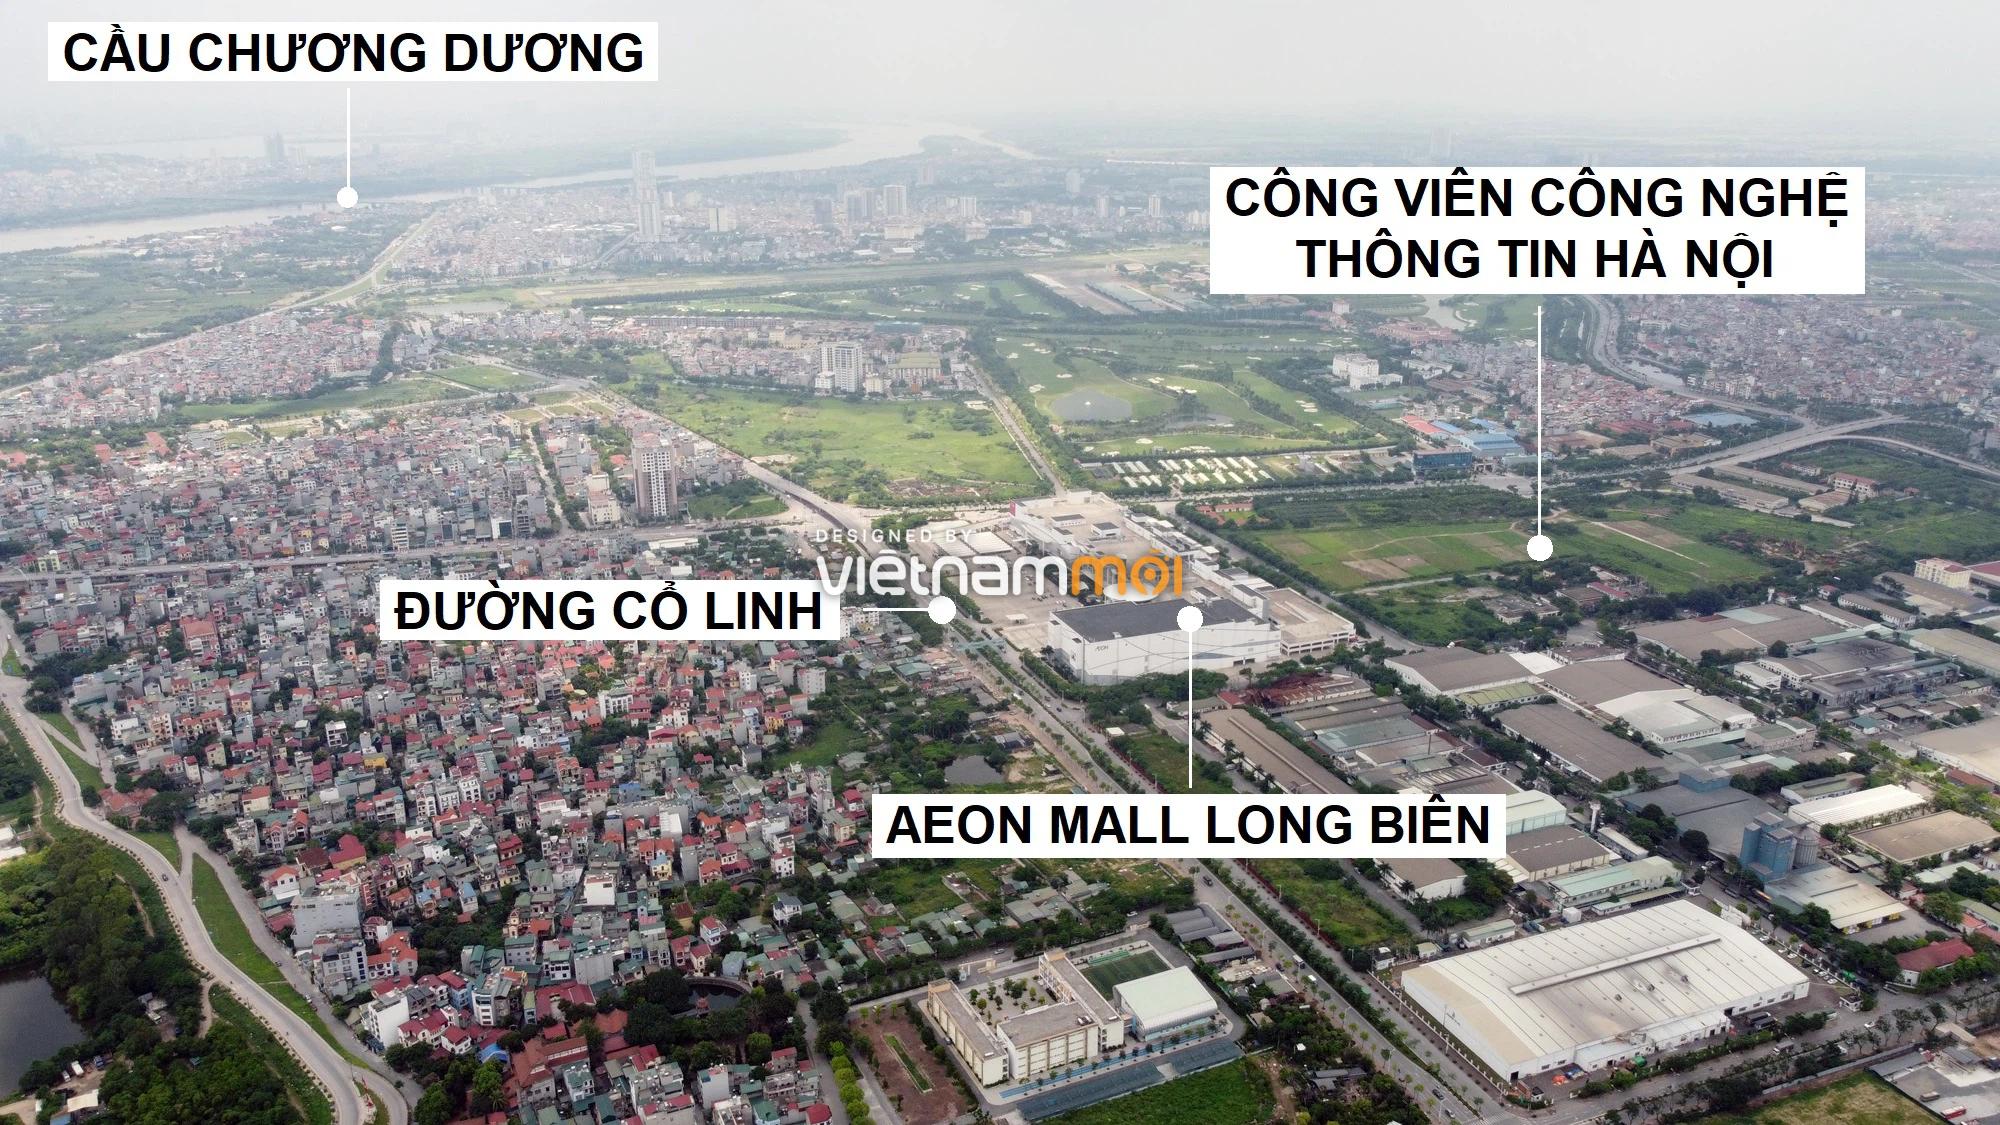 Toàn cảnh các dự án của Him Lam được hưởng lợi từ cầu Trần Hưng Đạo - Ảnh 5.